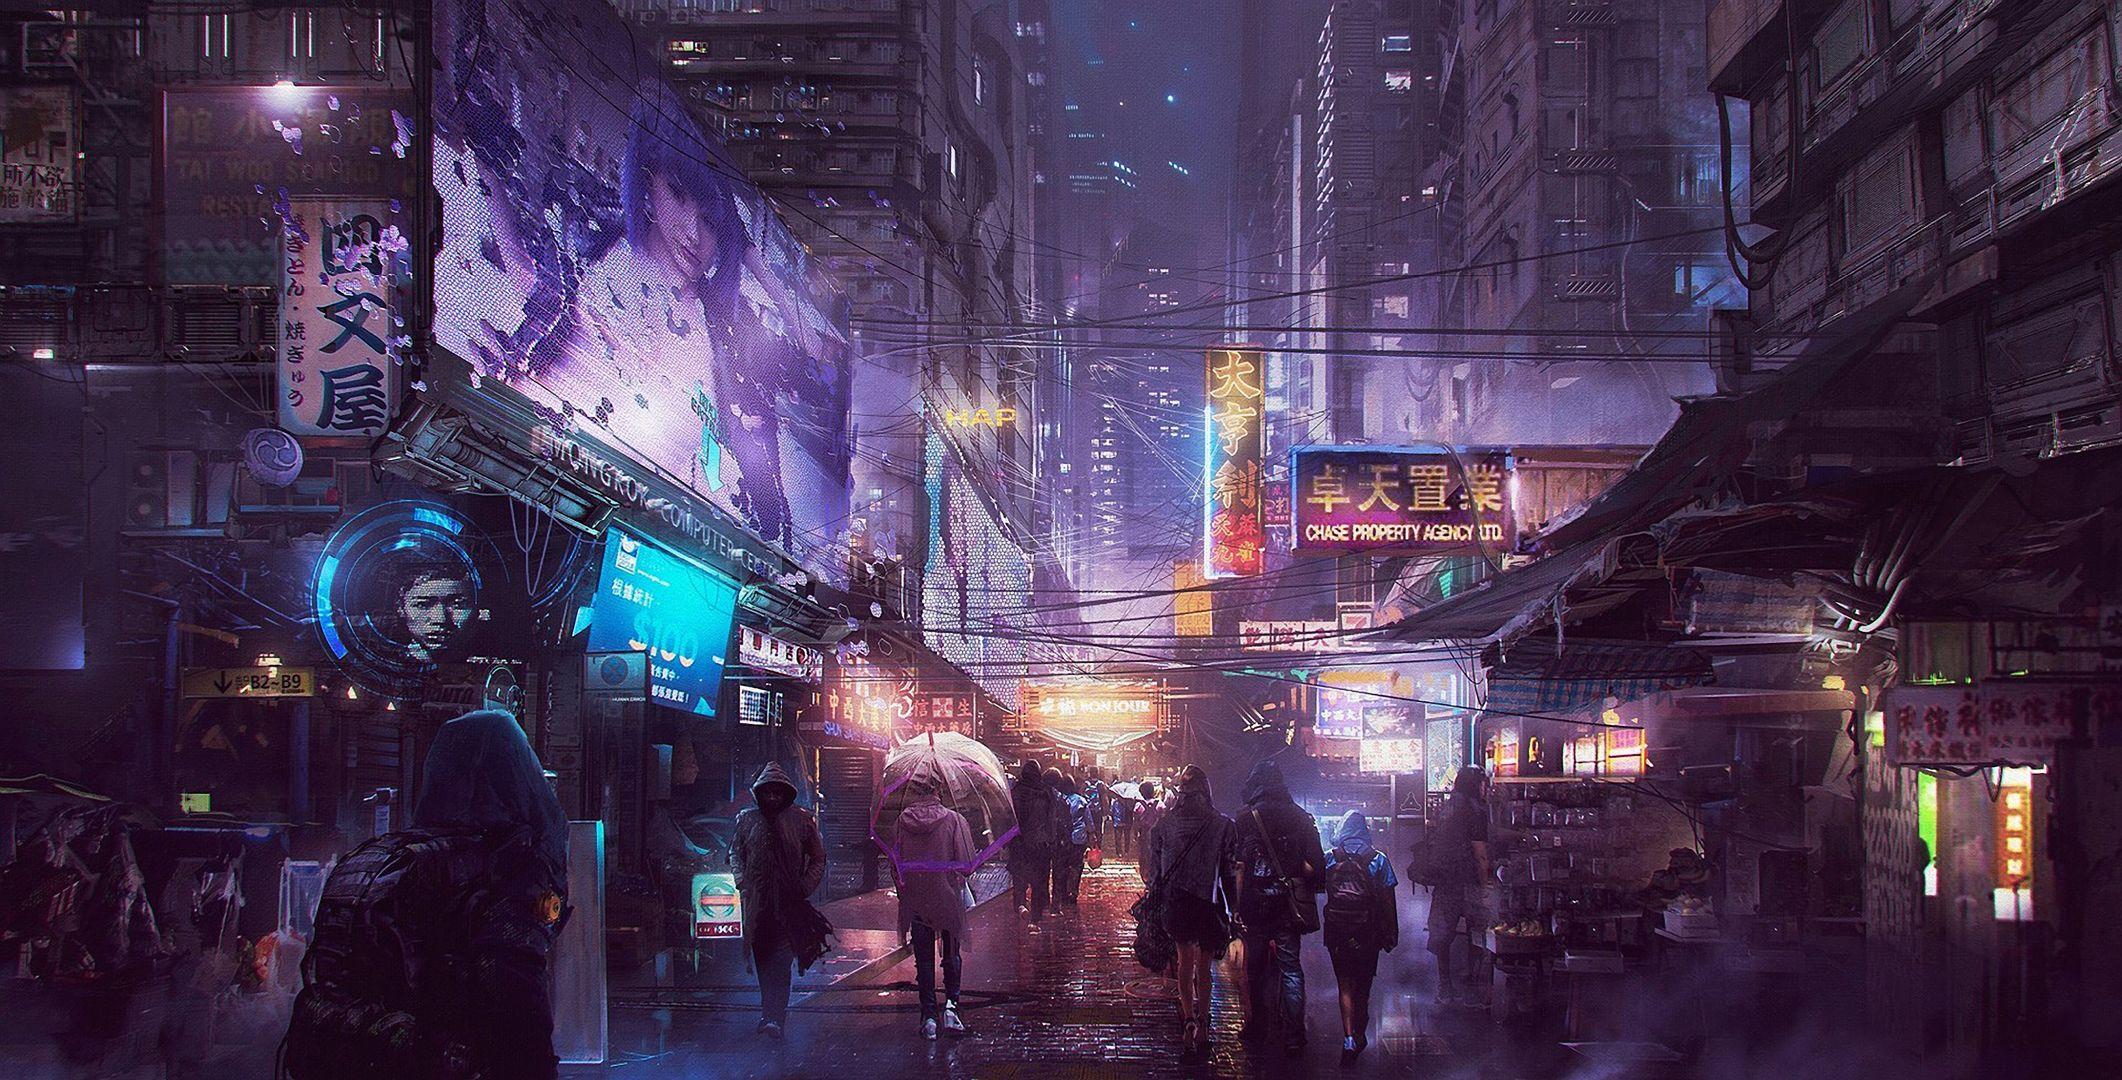 Cyberpunk Street Wallpapers Top Free Cyberpunk Street Backgrounds Wallpaperaccess